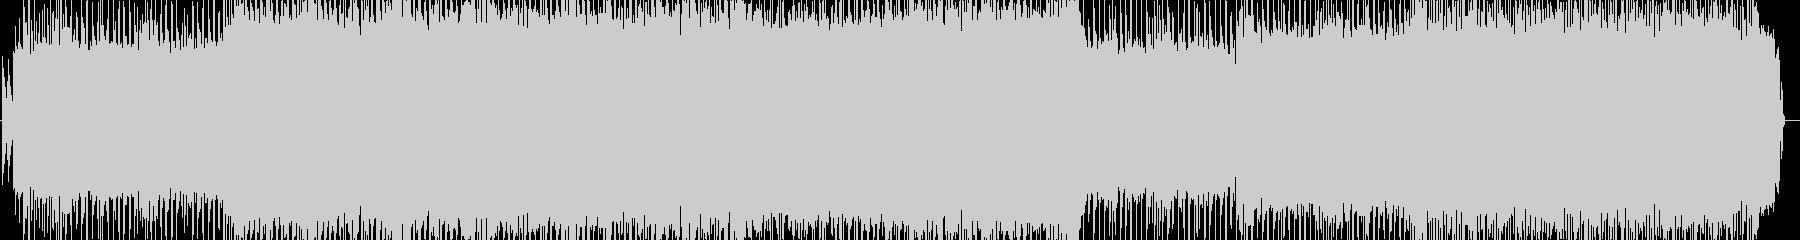 クラシックメタル風エレキギターインストの未再生の波形